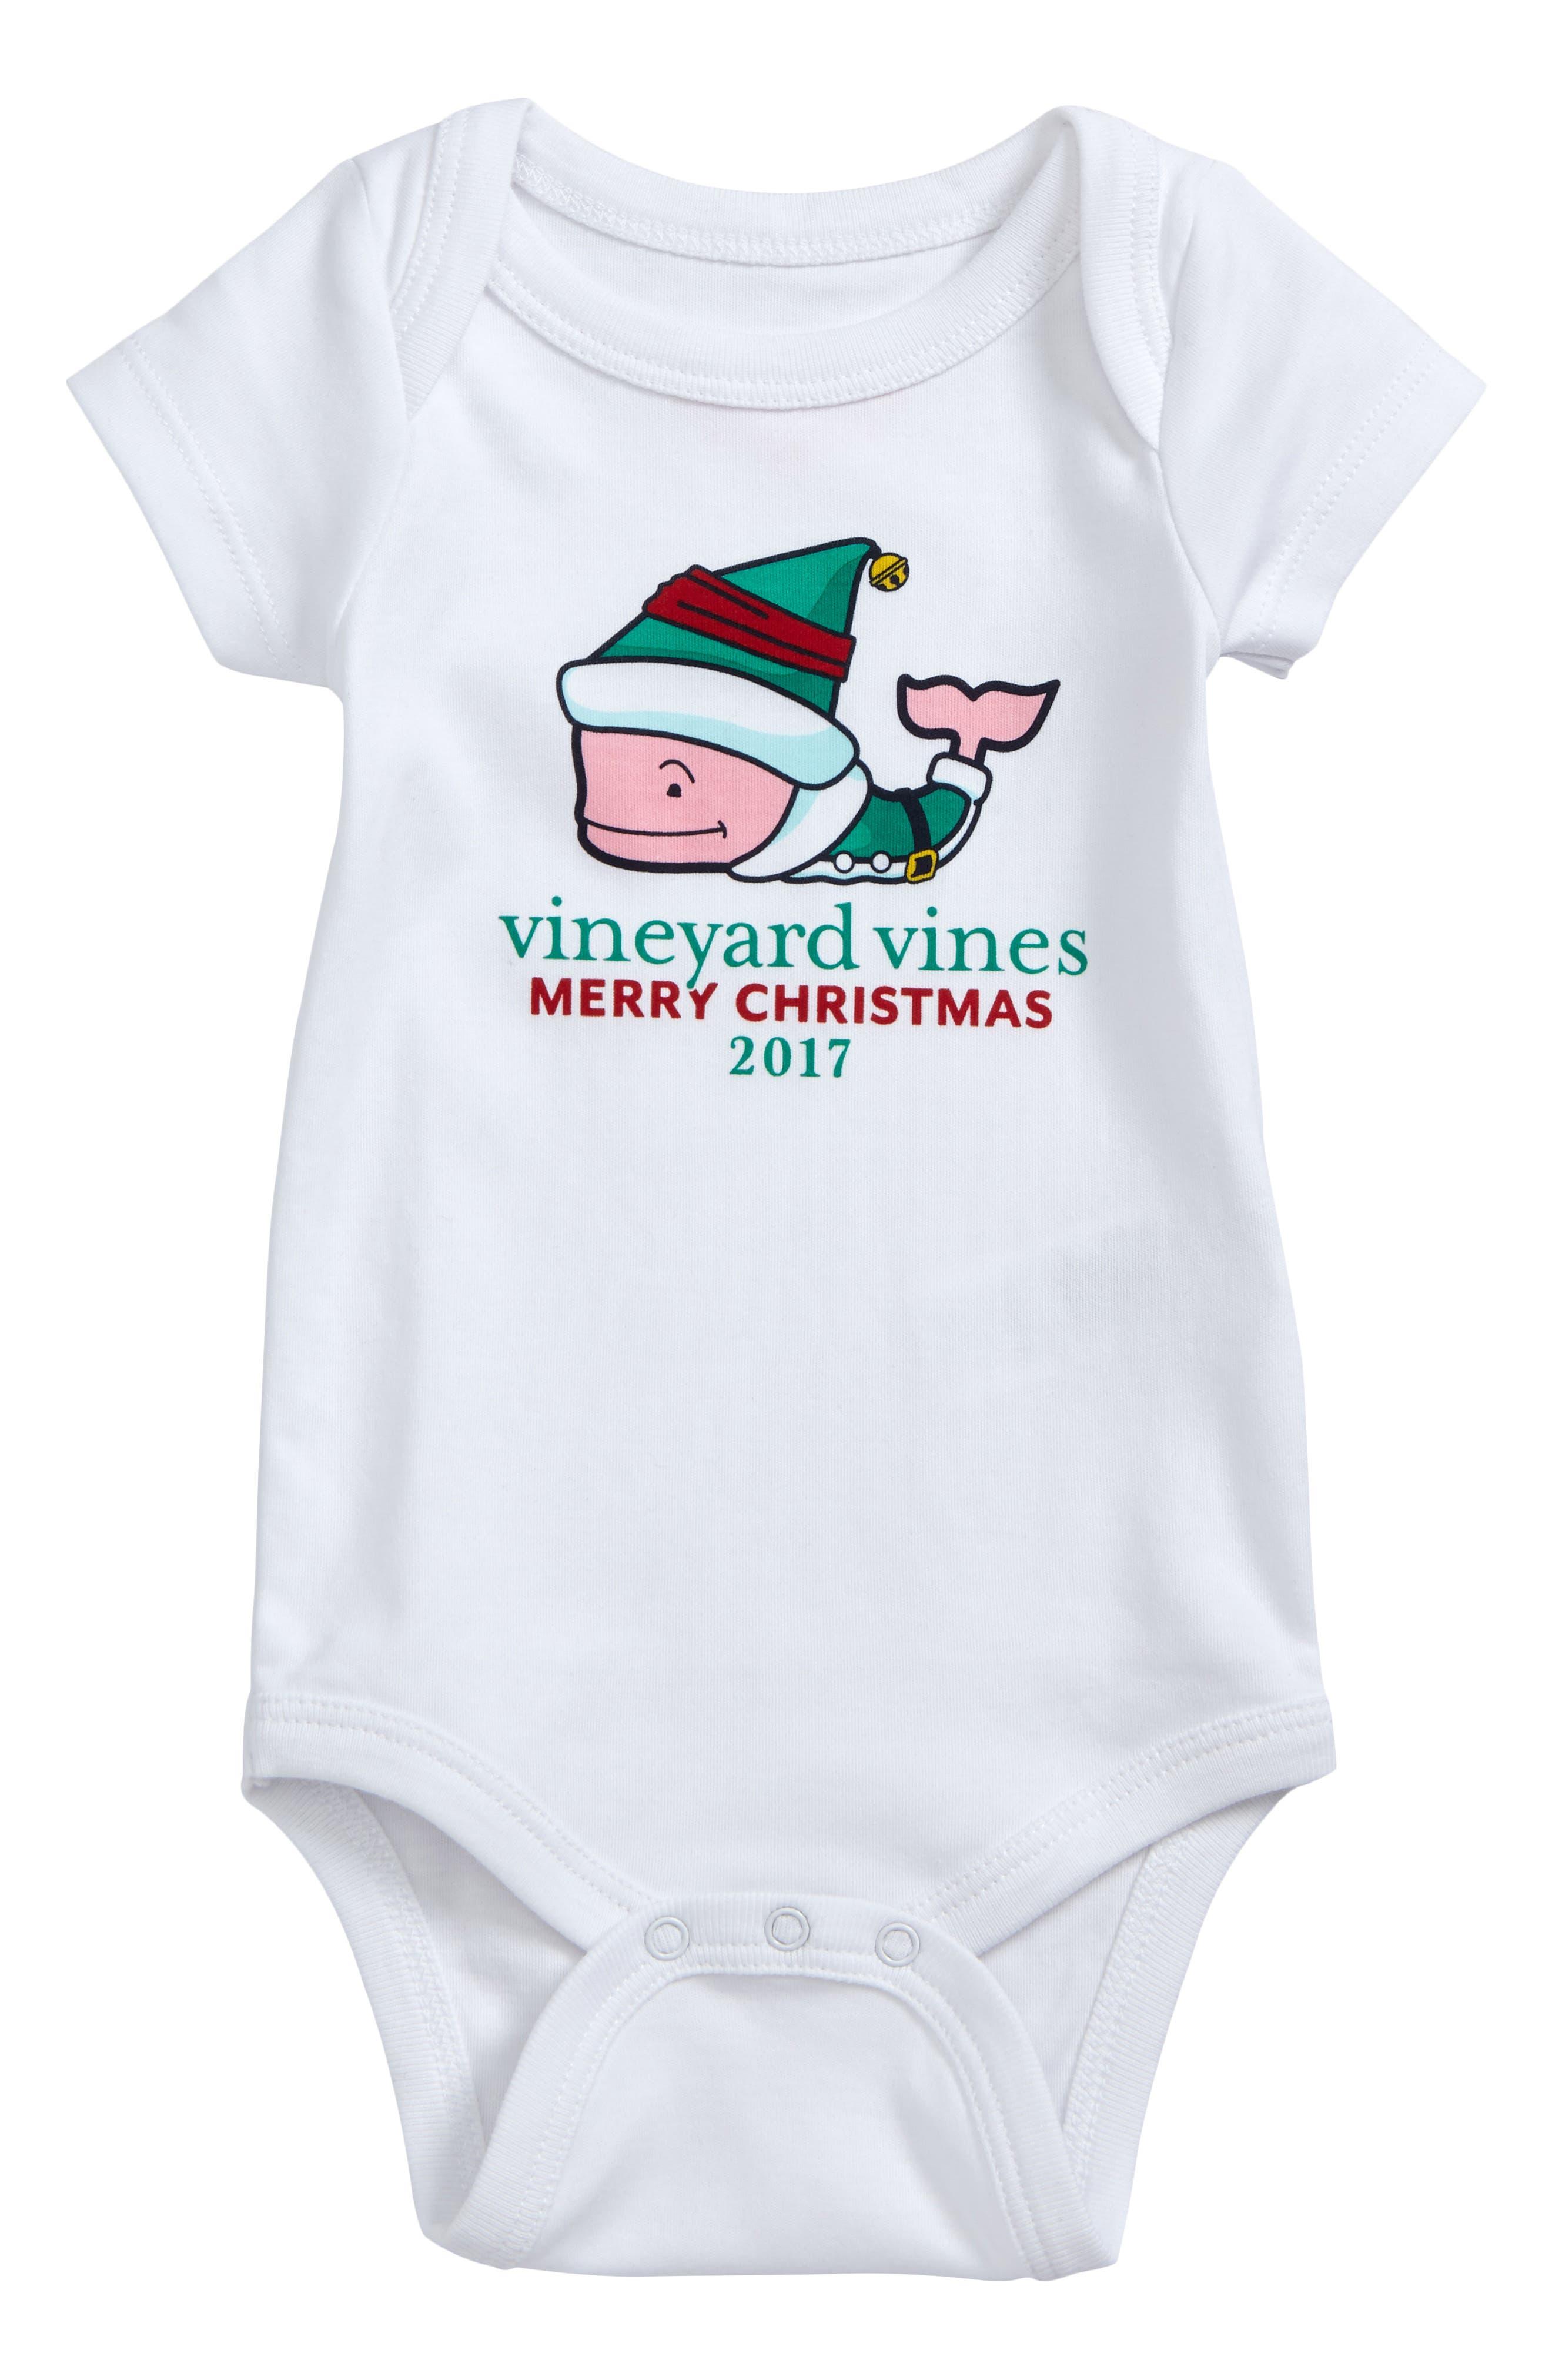 Alternate Image 1 Selected - vineyard vines Elf Whale Merry Christmas 2017 Bodysuit (Baby)